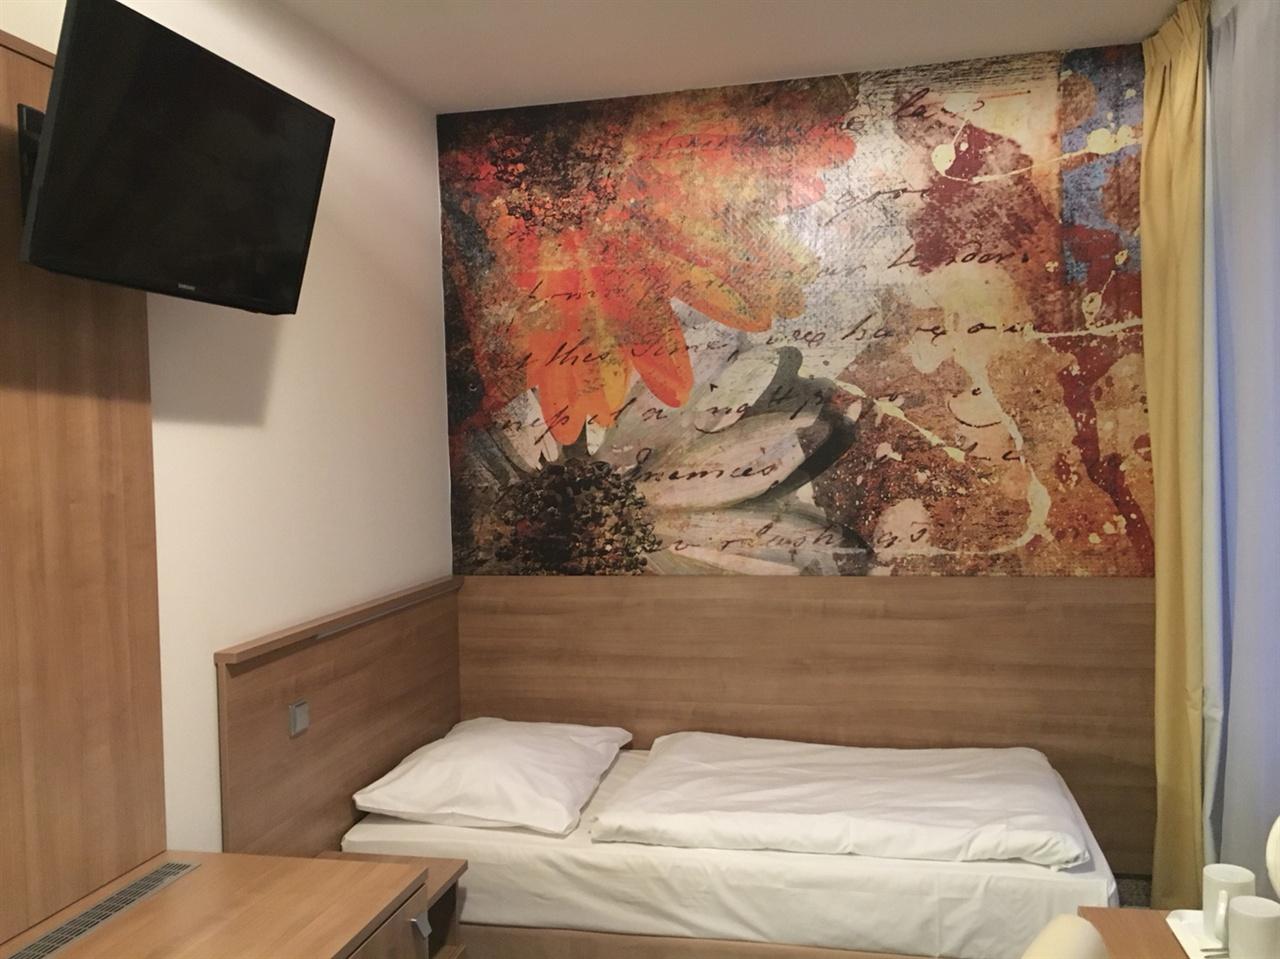 악센트 호텔 객실 내부의 모습